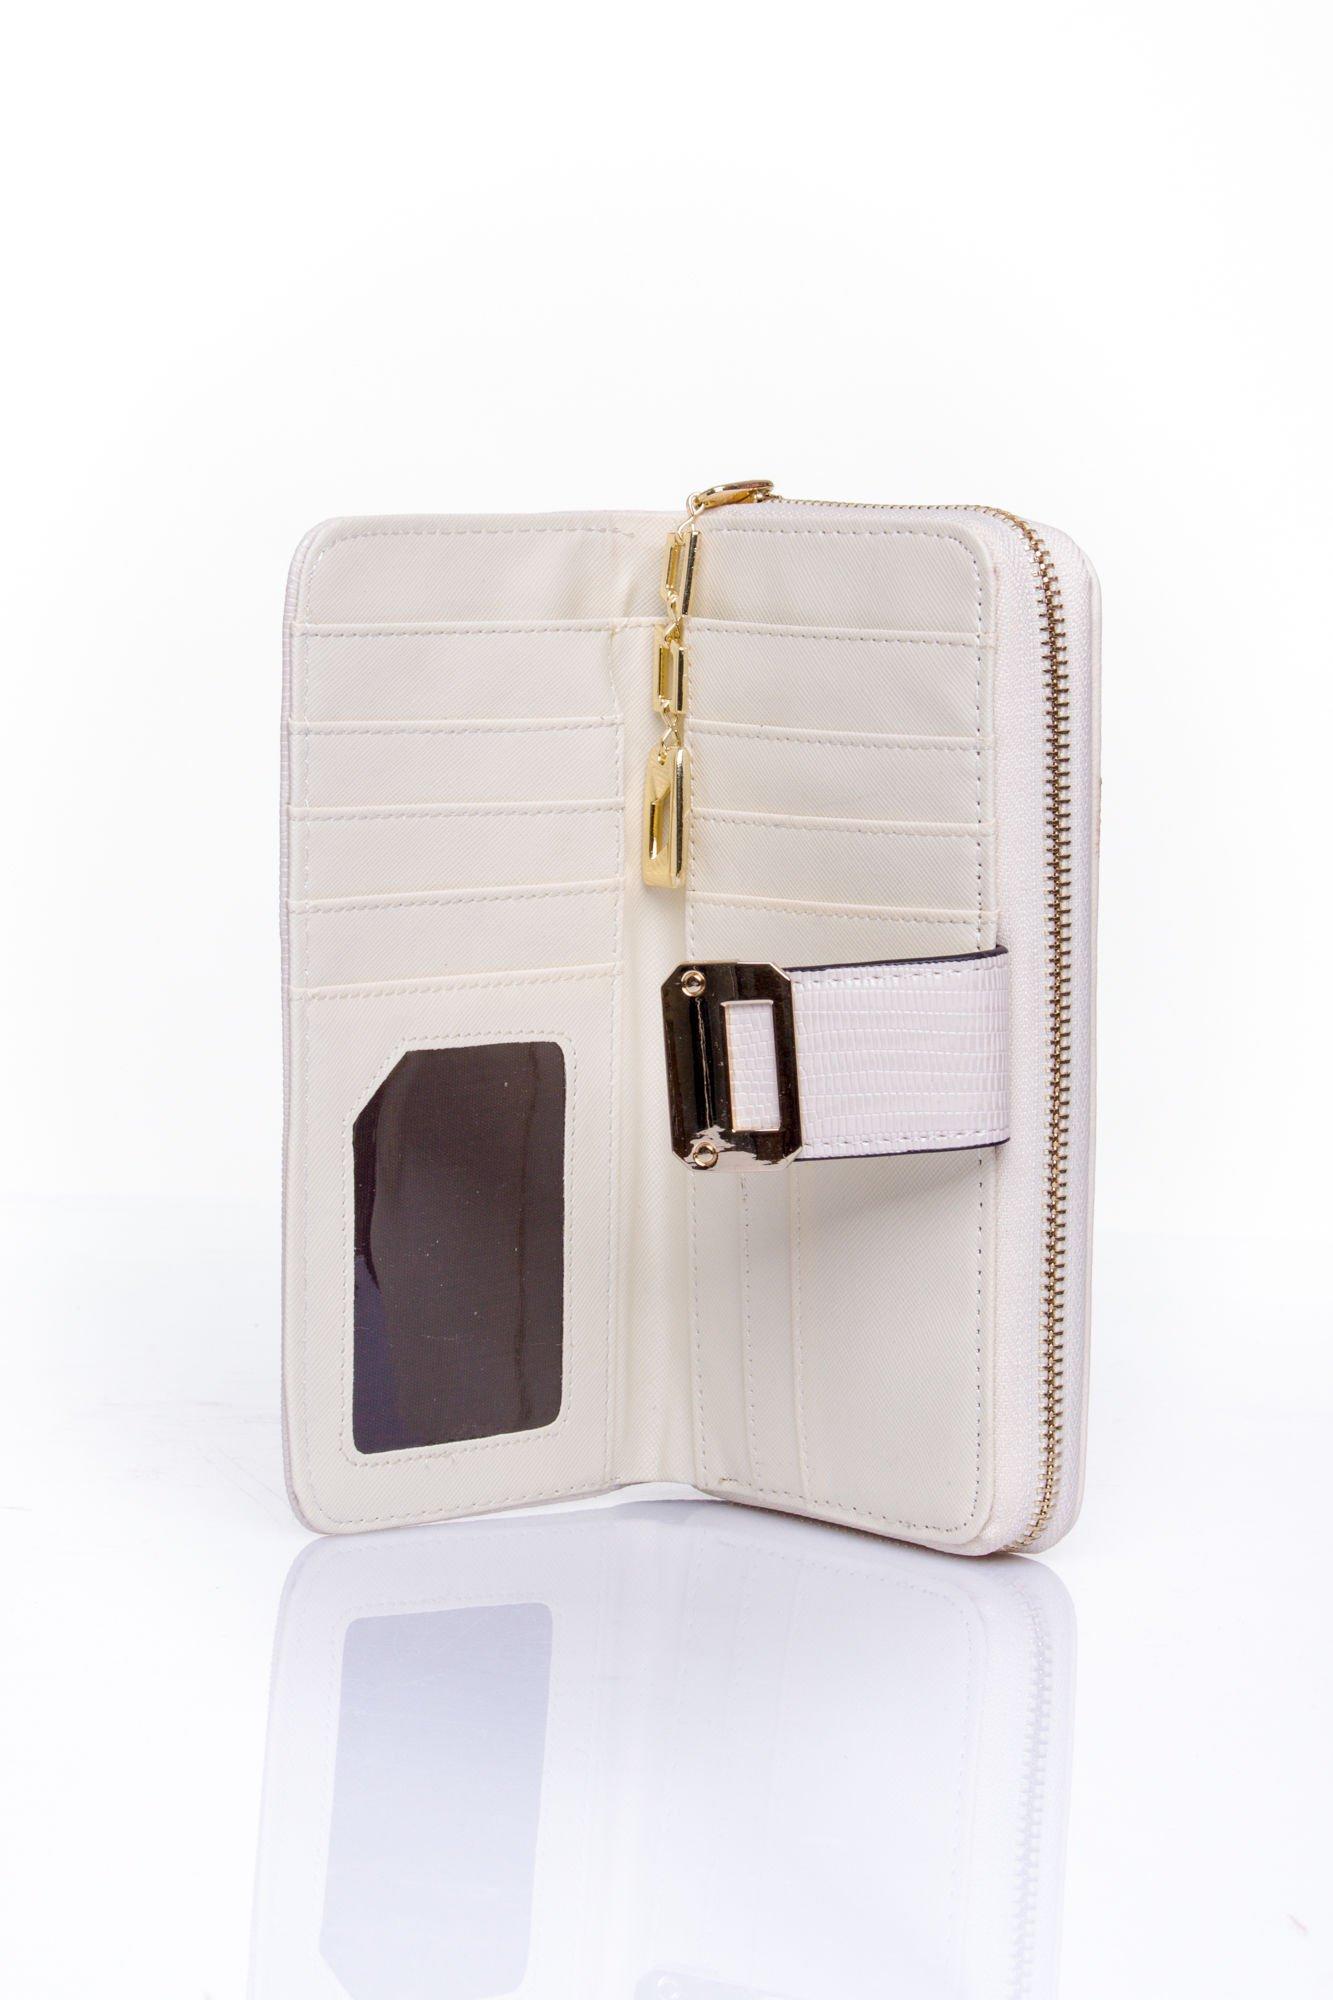 Kremowy portfel ze złotą klamerką                                   zdj.                                  5